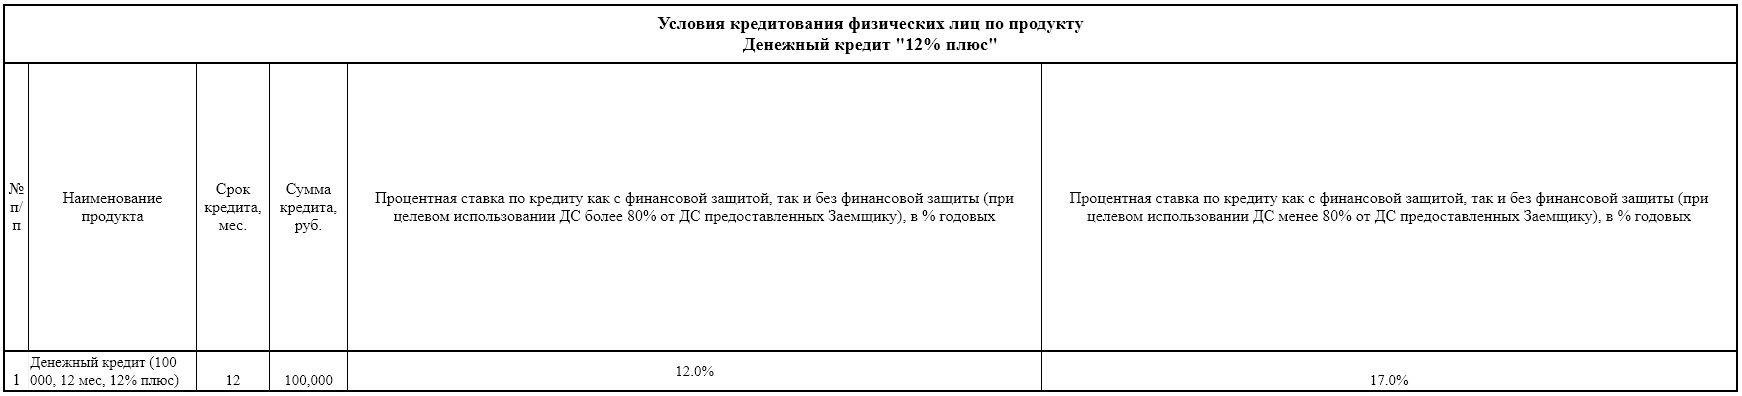 Условия кредитования по программе Денежный кредит 12% плюс